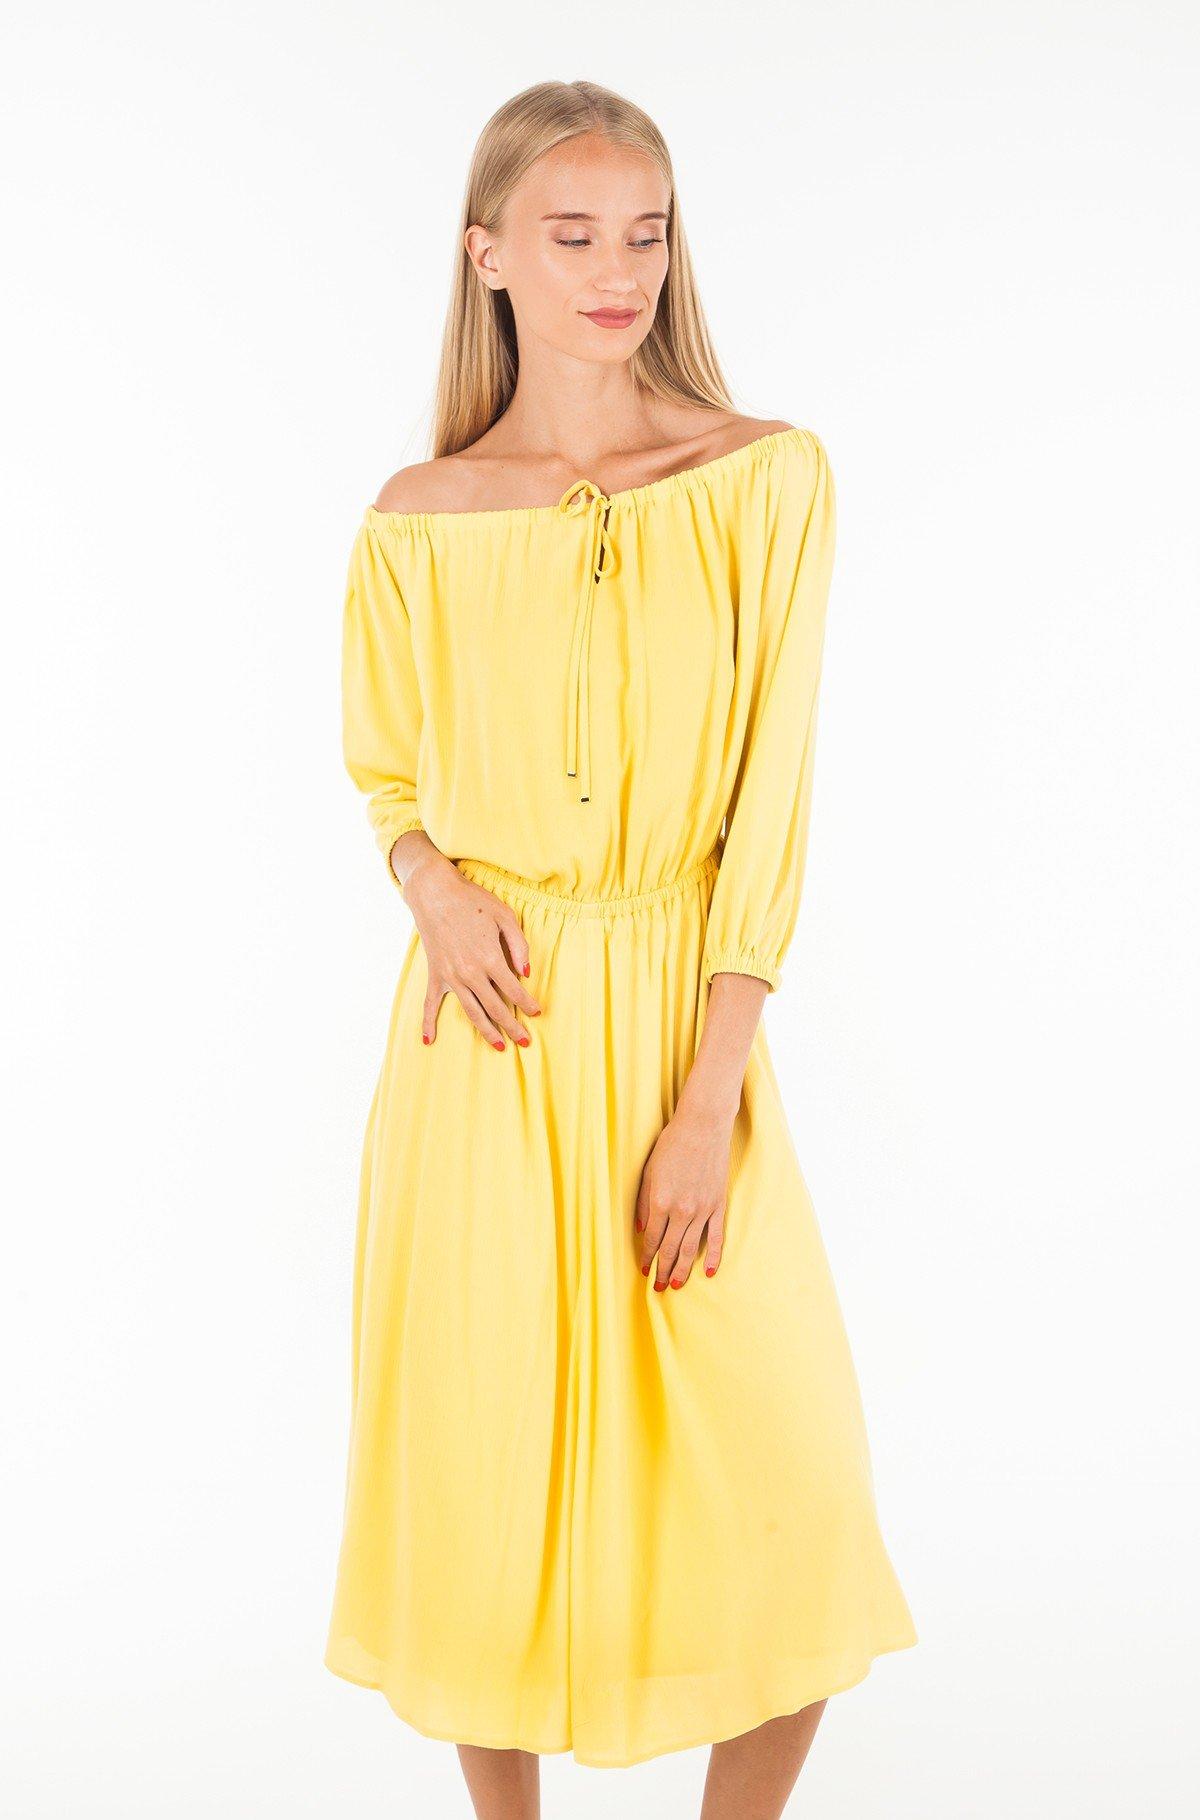 Dress RACHEL MIDI DRESS 3/4 SLV-full-1